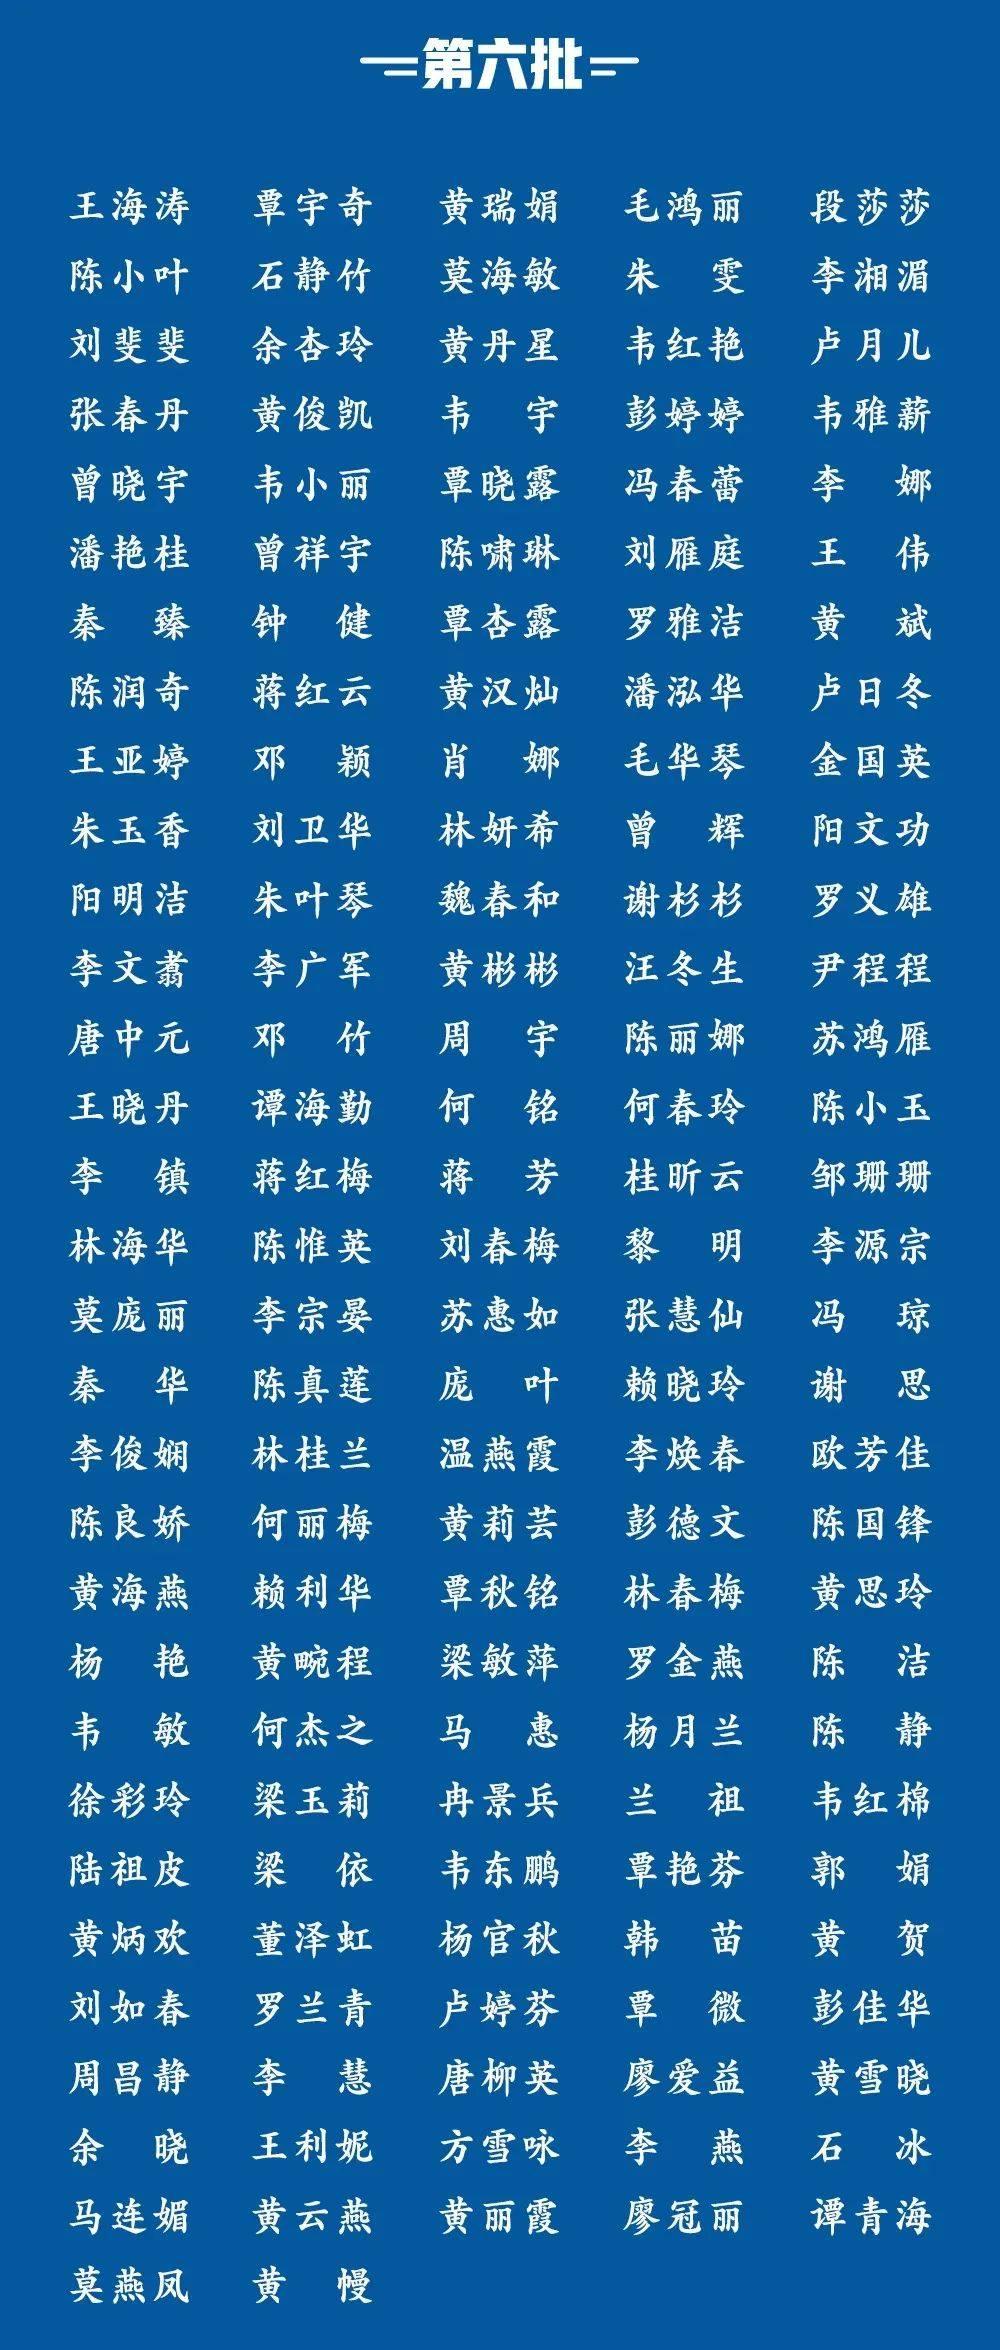 hunan人口_人口普查